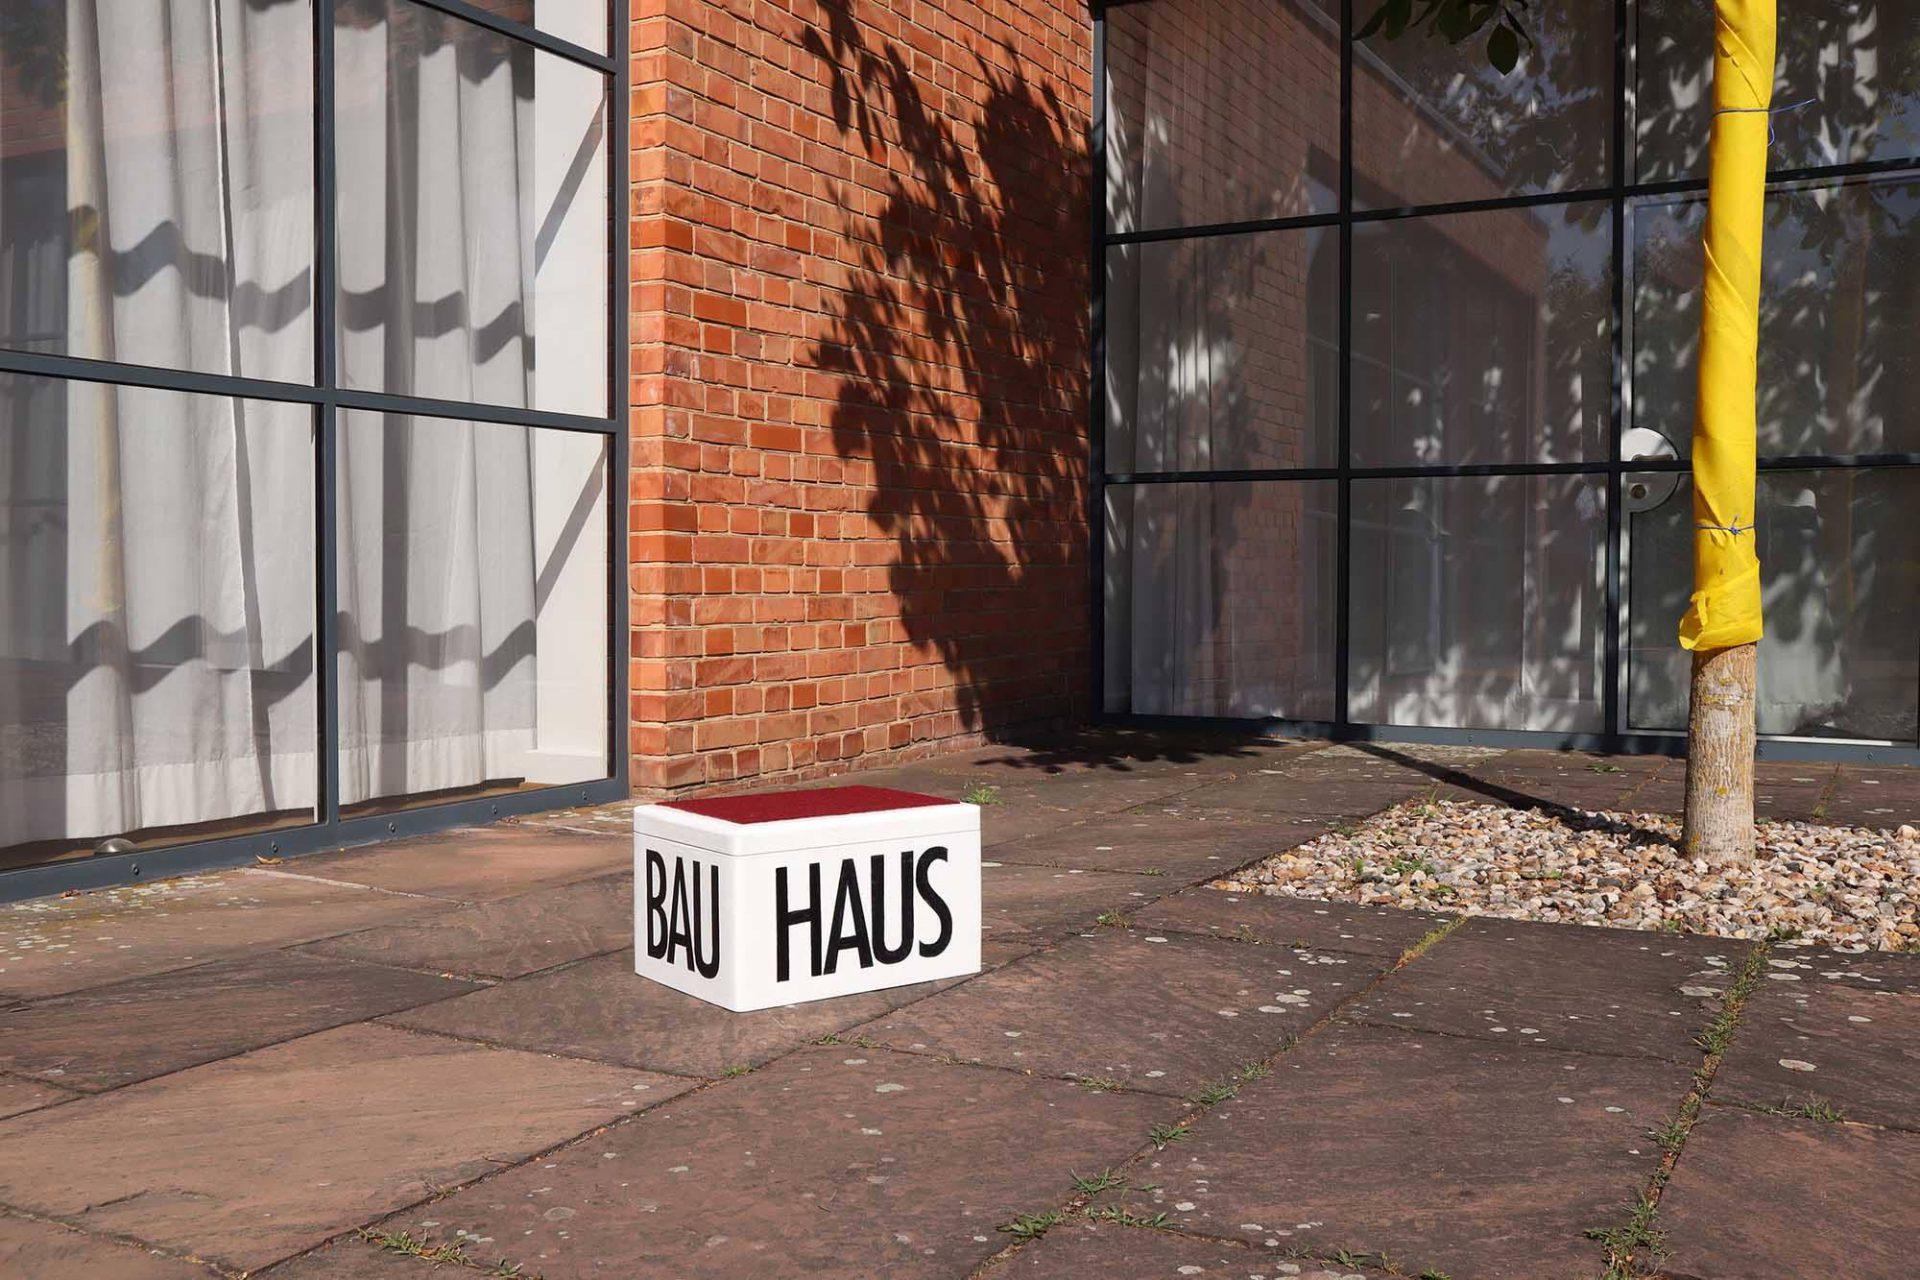 Mies van der Rohe Haus. Die Gestaltung und Gliederung des Grundstücks geht auf den Entwurf von Mies van der Rohe zurück. So stellt der Garten Lemke eine Übergangszone zwischen Haus und der Parklandschaft am Obersee dar – wie das Haus zurückhaltend und nuanciert gestaltet.